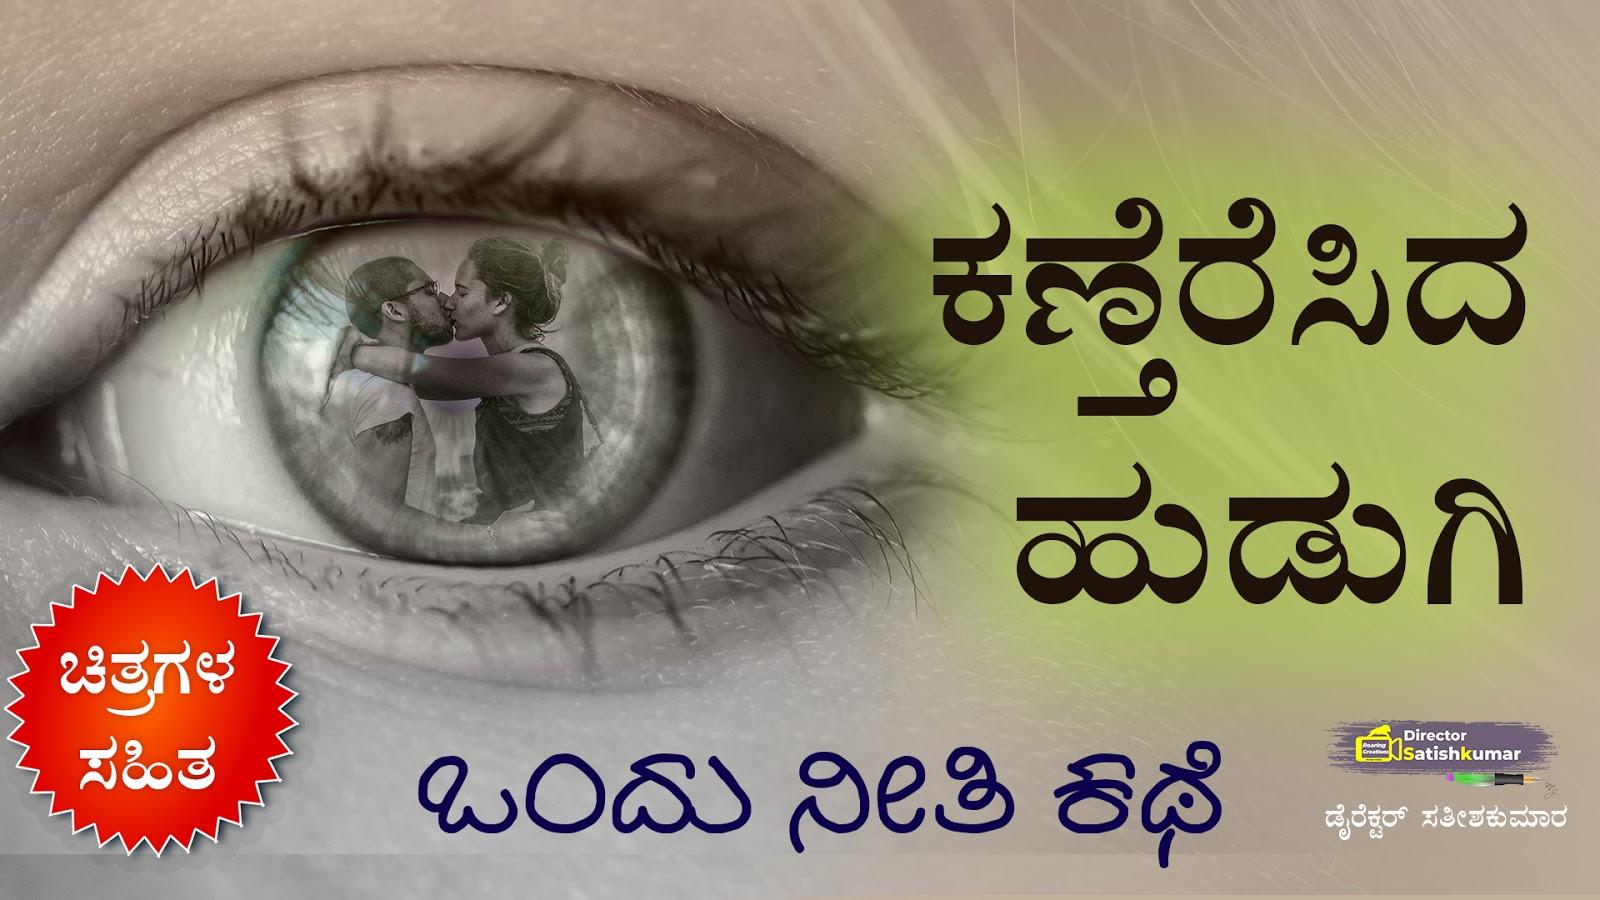 ಕಣ್ತೆರೆಸಿದ ಹುಡುಗಿ : ಒಂದು ನೀತಿ ಕಥೆ - Kannada Moral Life Changing Story